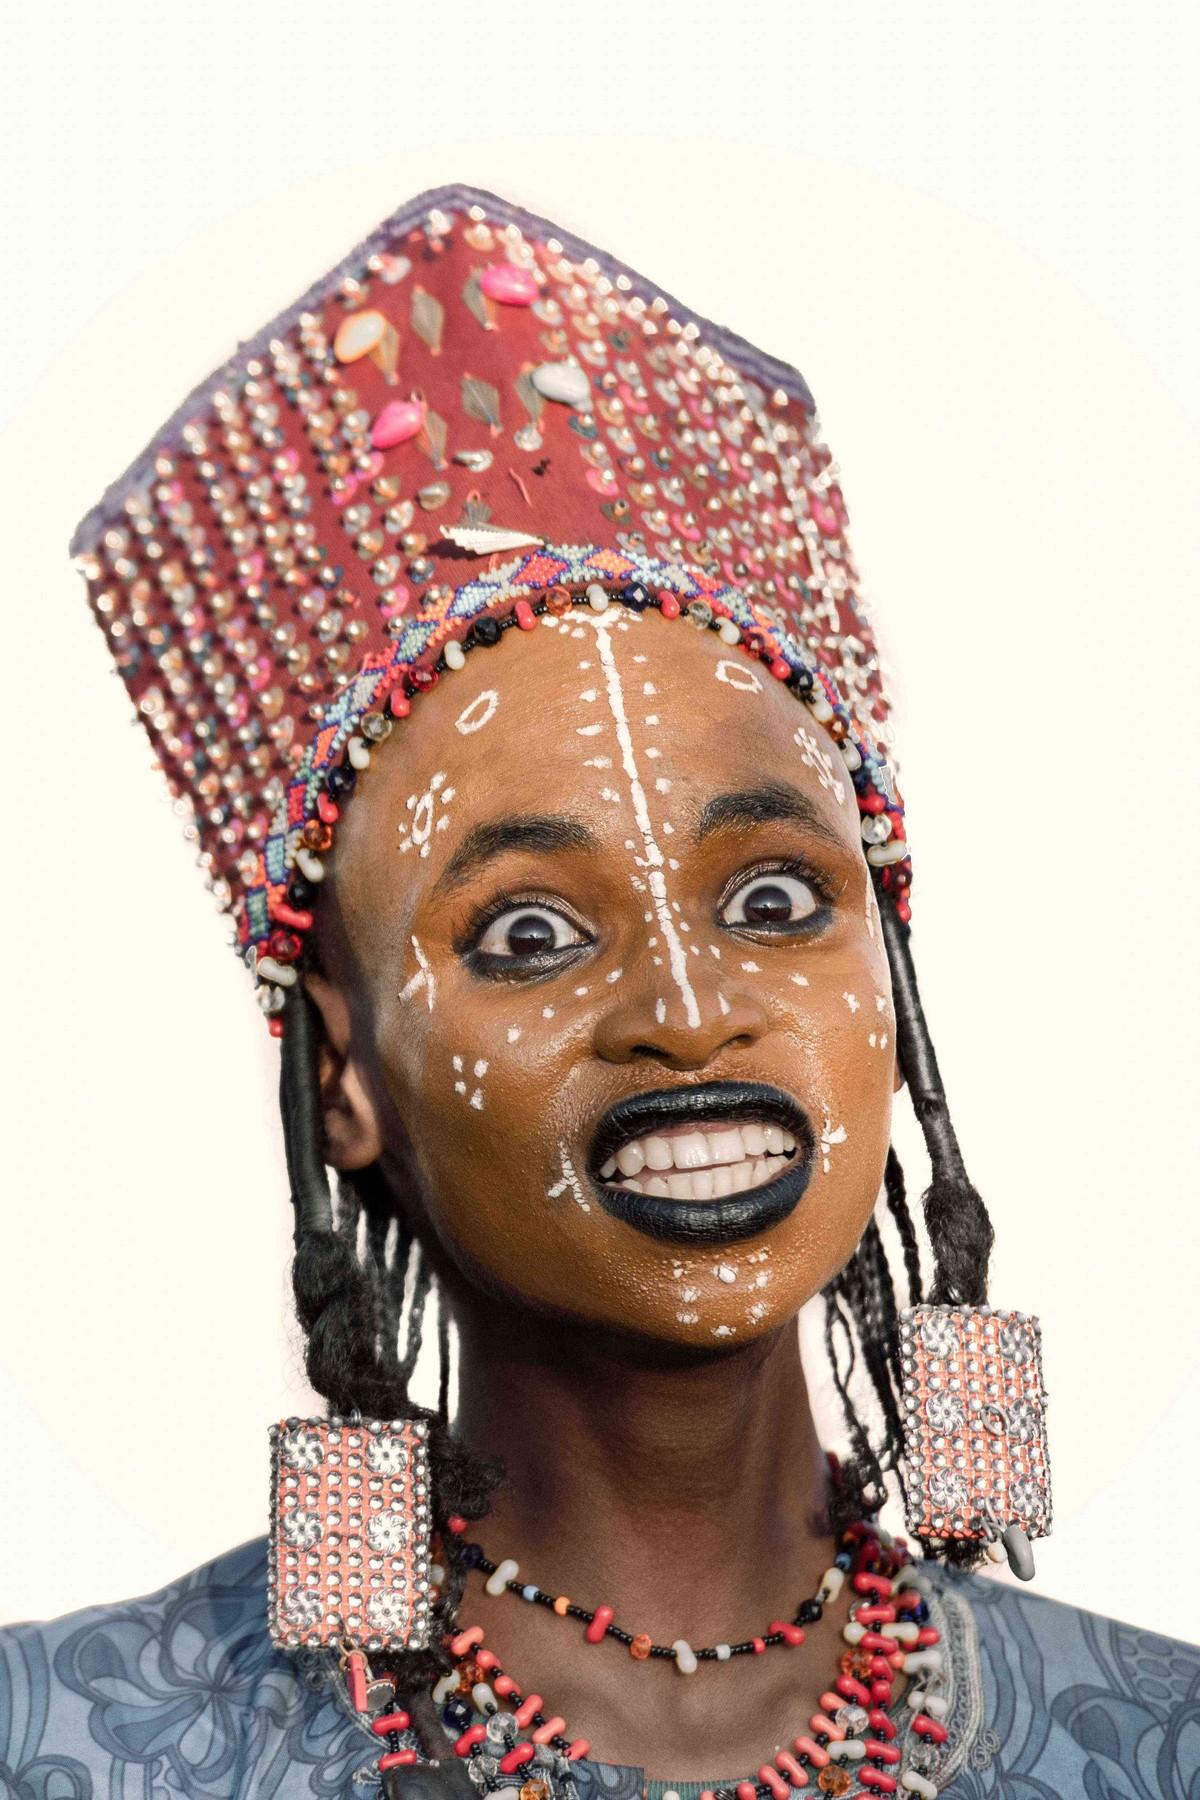 Мужчины племени Водабе делают прическу и макияж, чтобы впечатлить дам